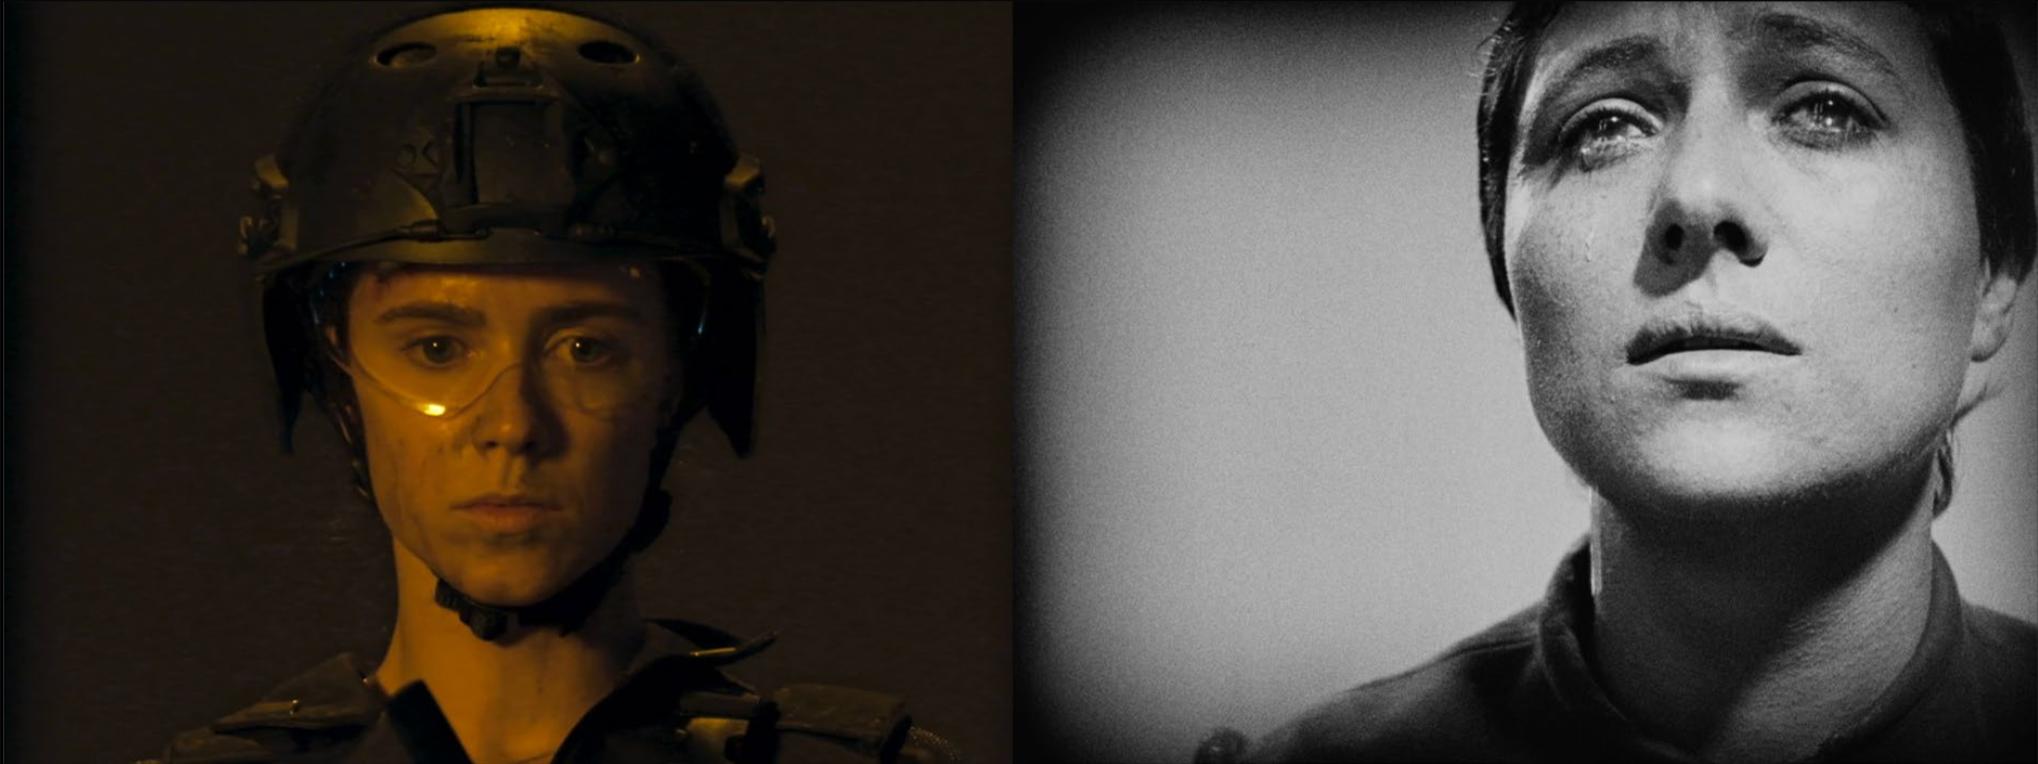 left side: woman in battle helmet; right side: b/w image of Joan of Arc--both are head shots